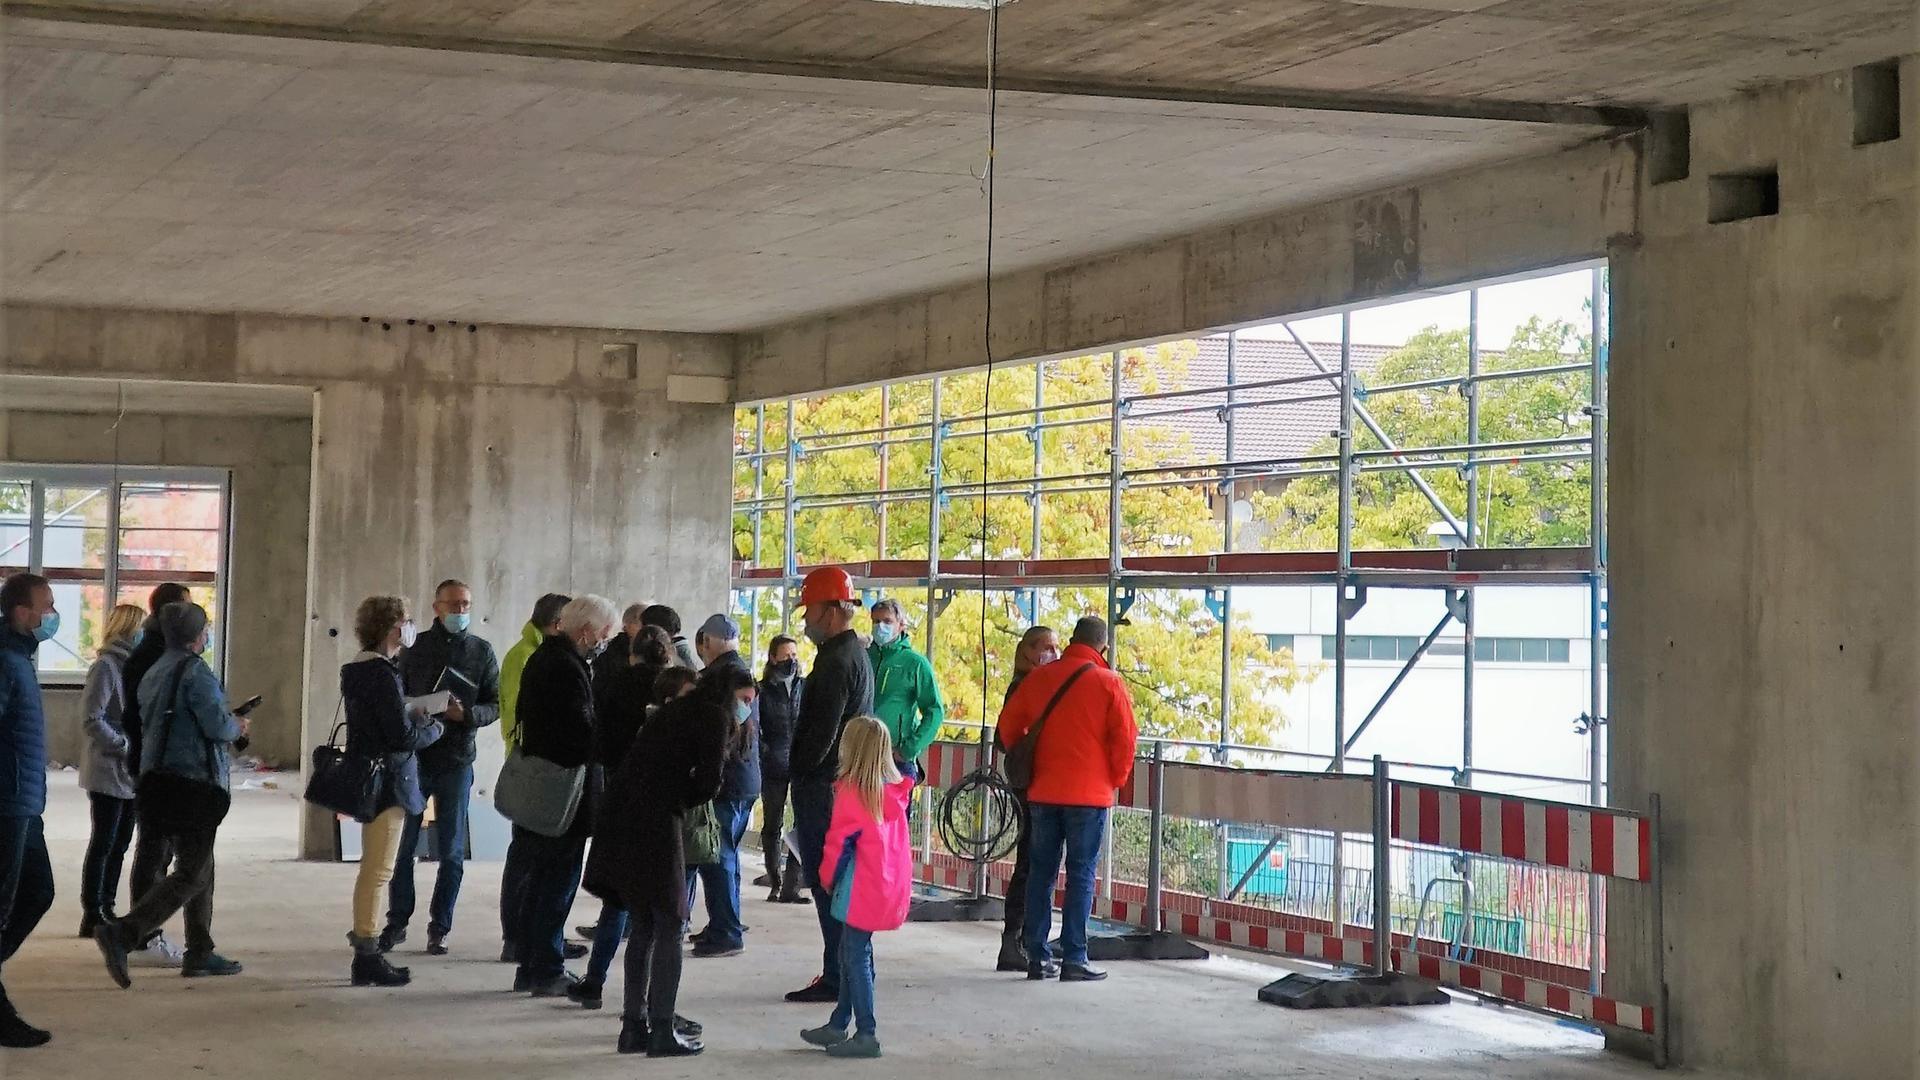 Blick in die neue Bibliothek: Mit einer großen Fensterfront und Oberlichtern wird der Neubau zu einem hellen Lernort.